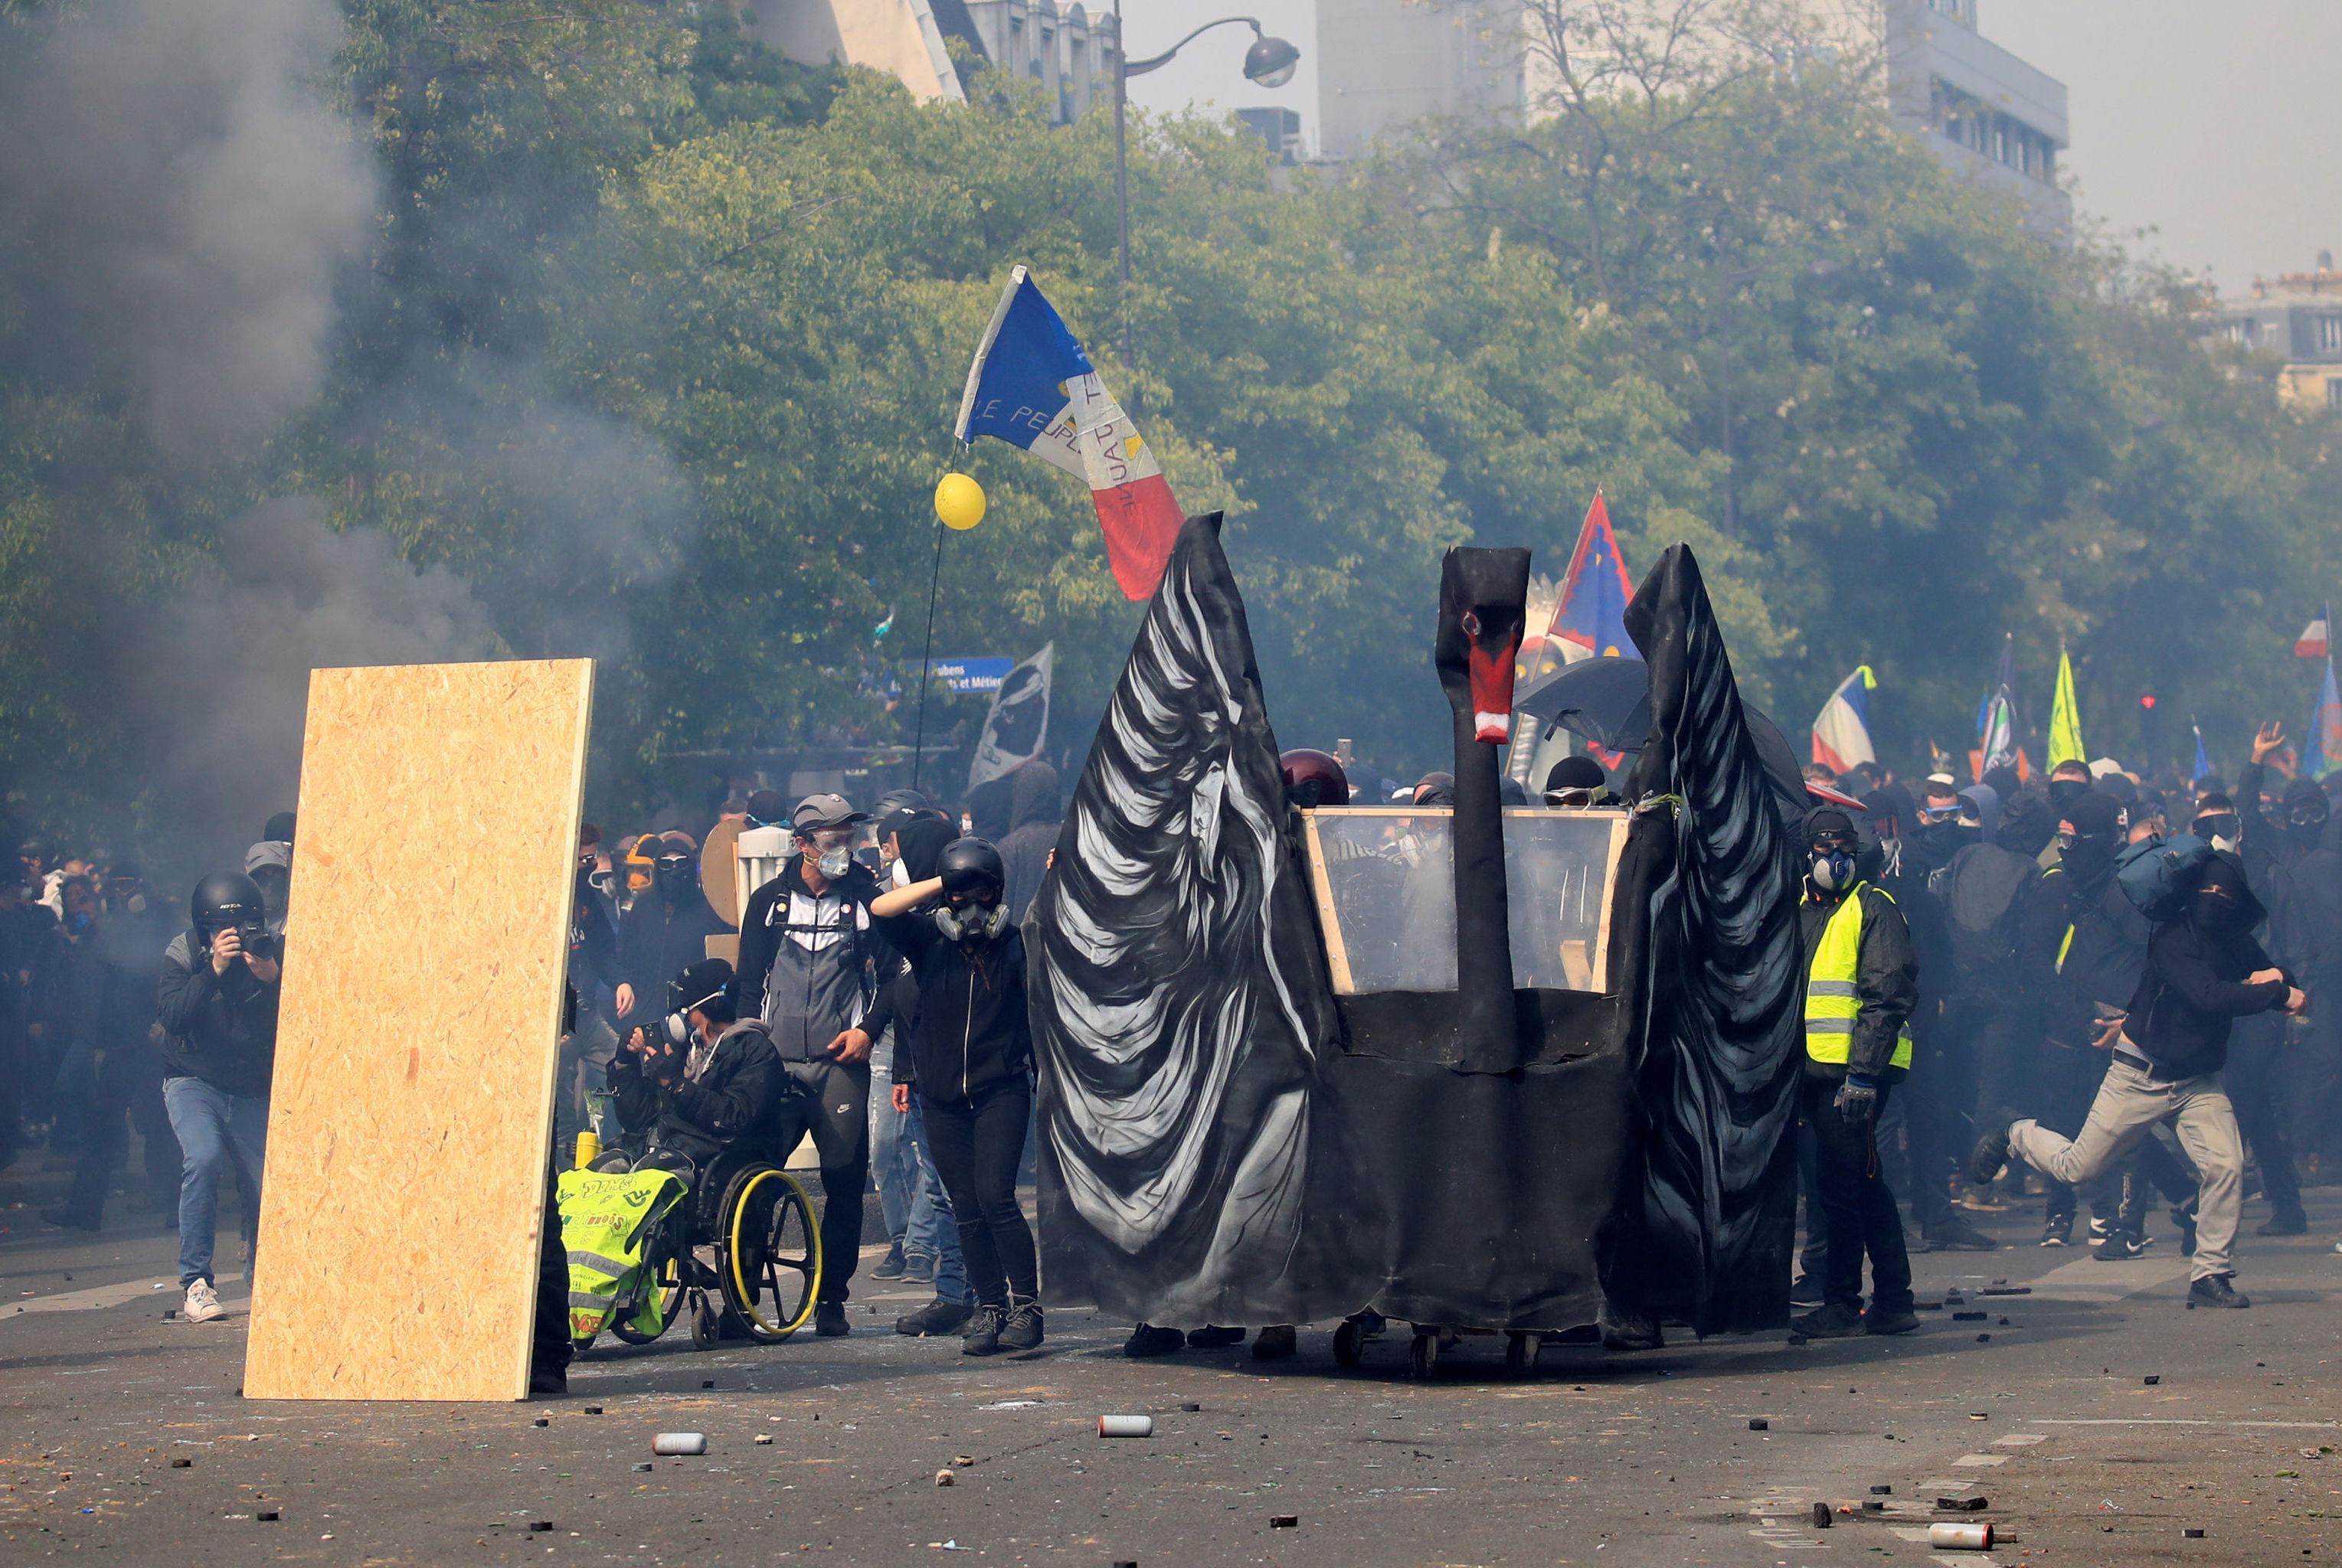 Çok düşük olasılıklı ama çok yüksek etkili bir olay manasında kullanılan 'Siyah Kuğu', Sarı Yelekler ile Siyah Blok'un barikatları arasında boy gösterdi.